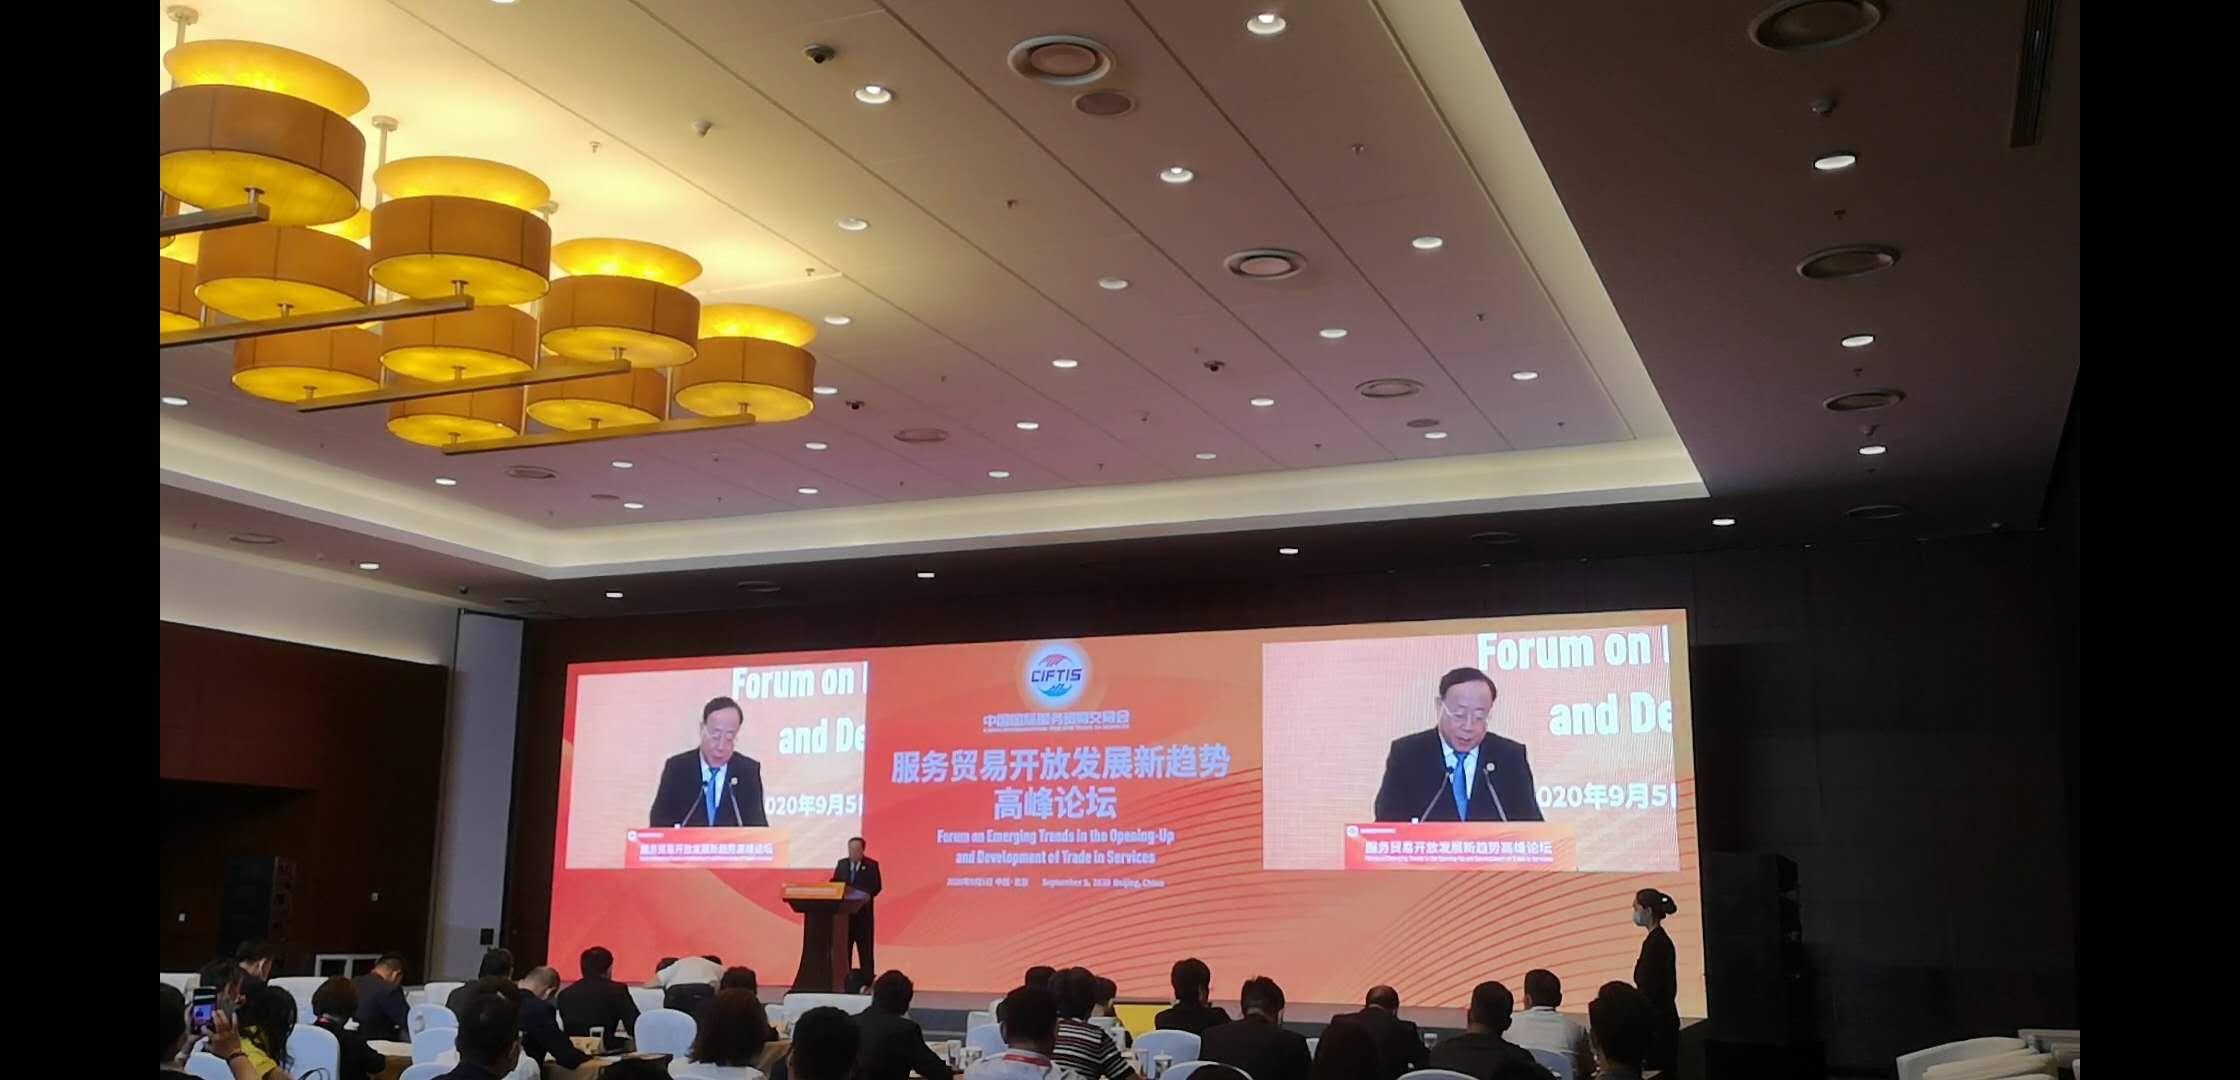 商务部王炳南:服务贸易成为国际贸易新引擎